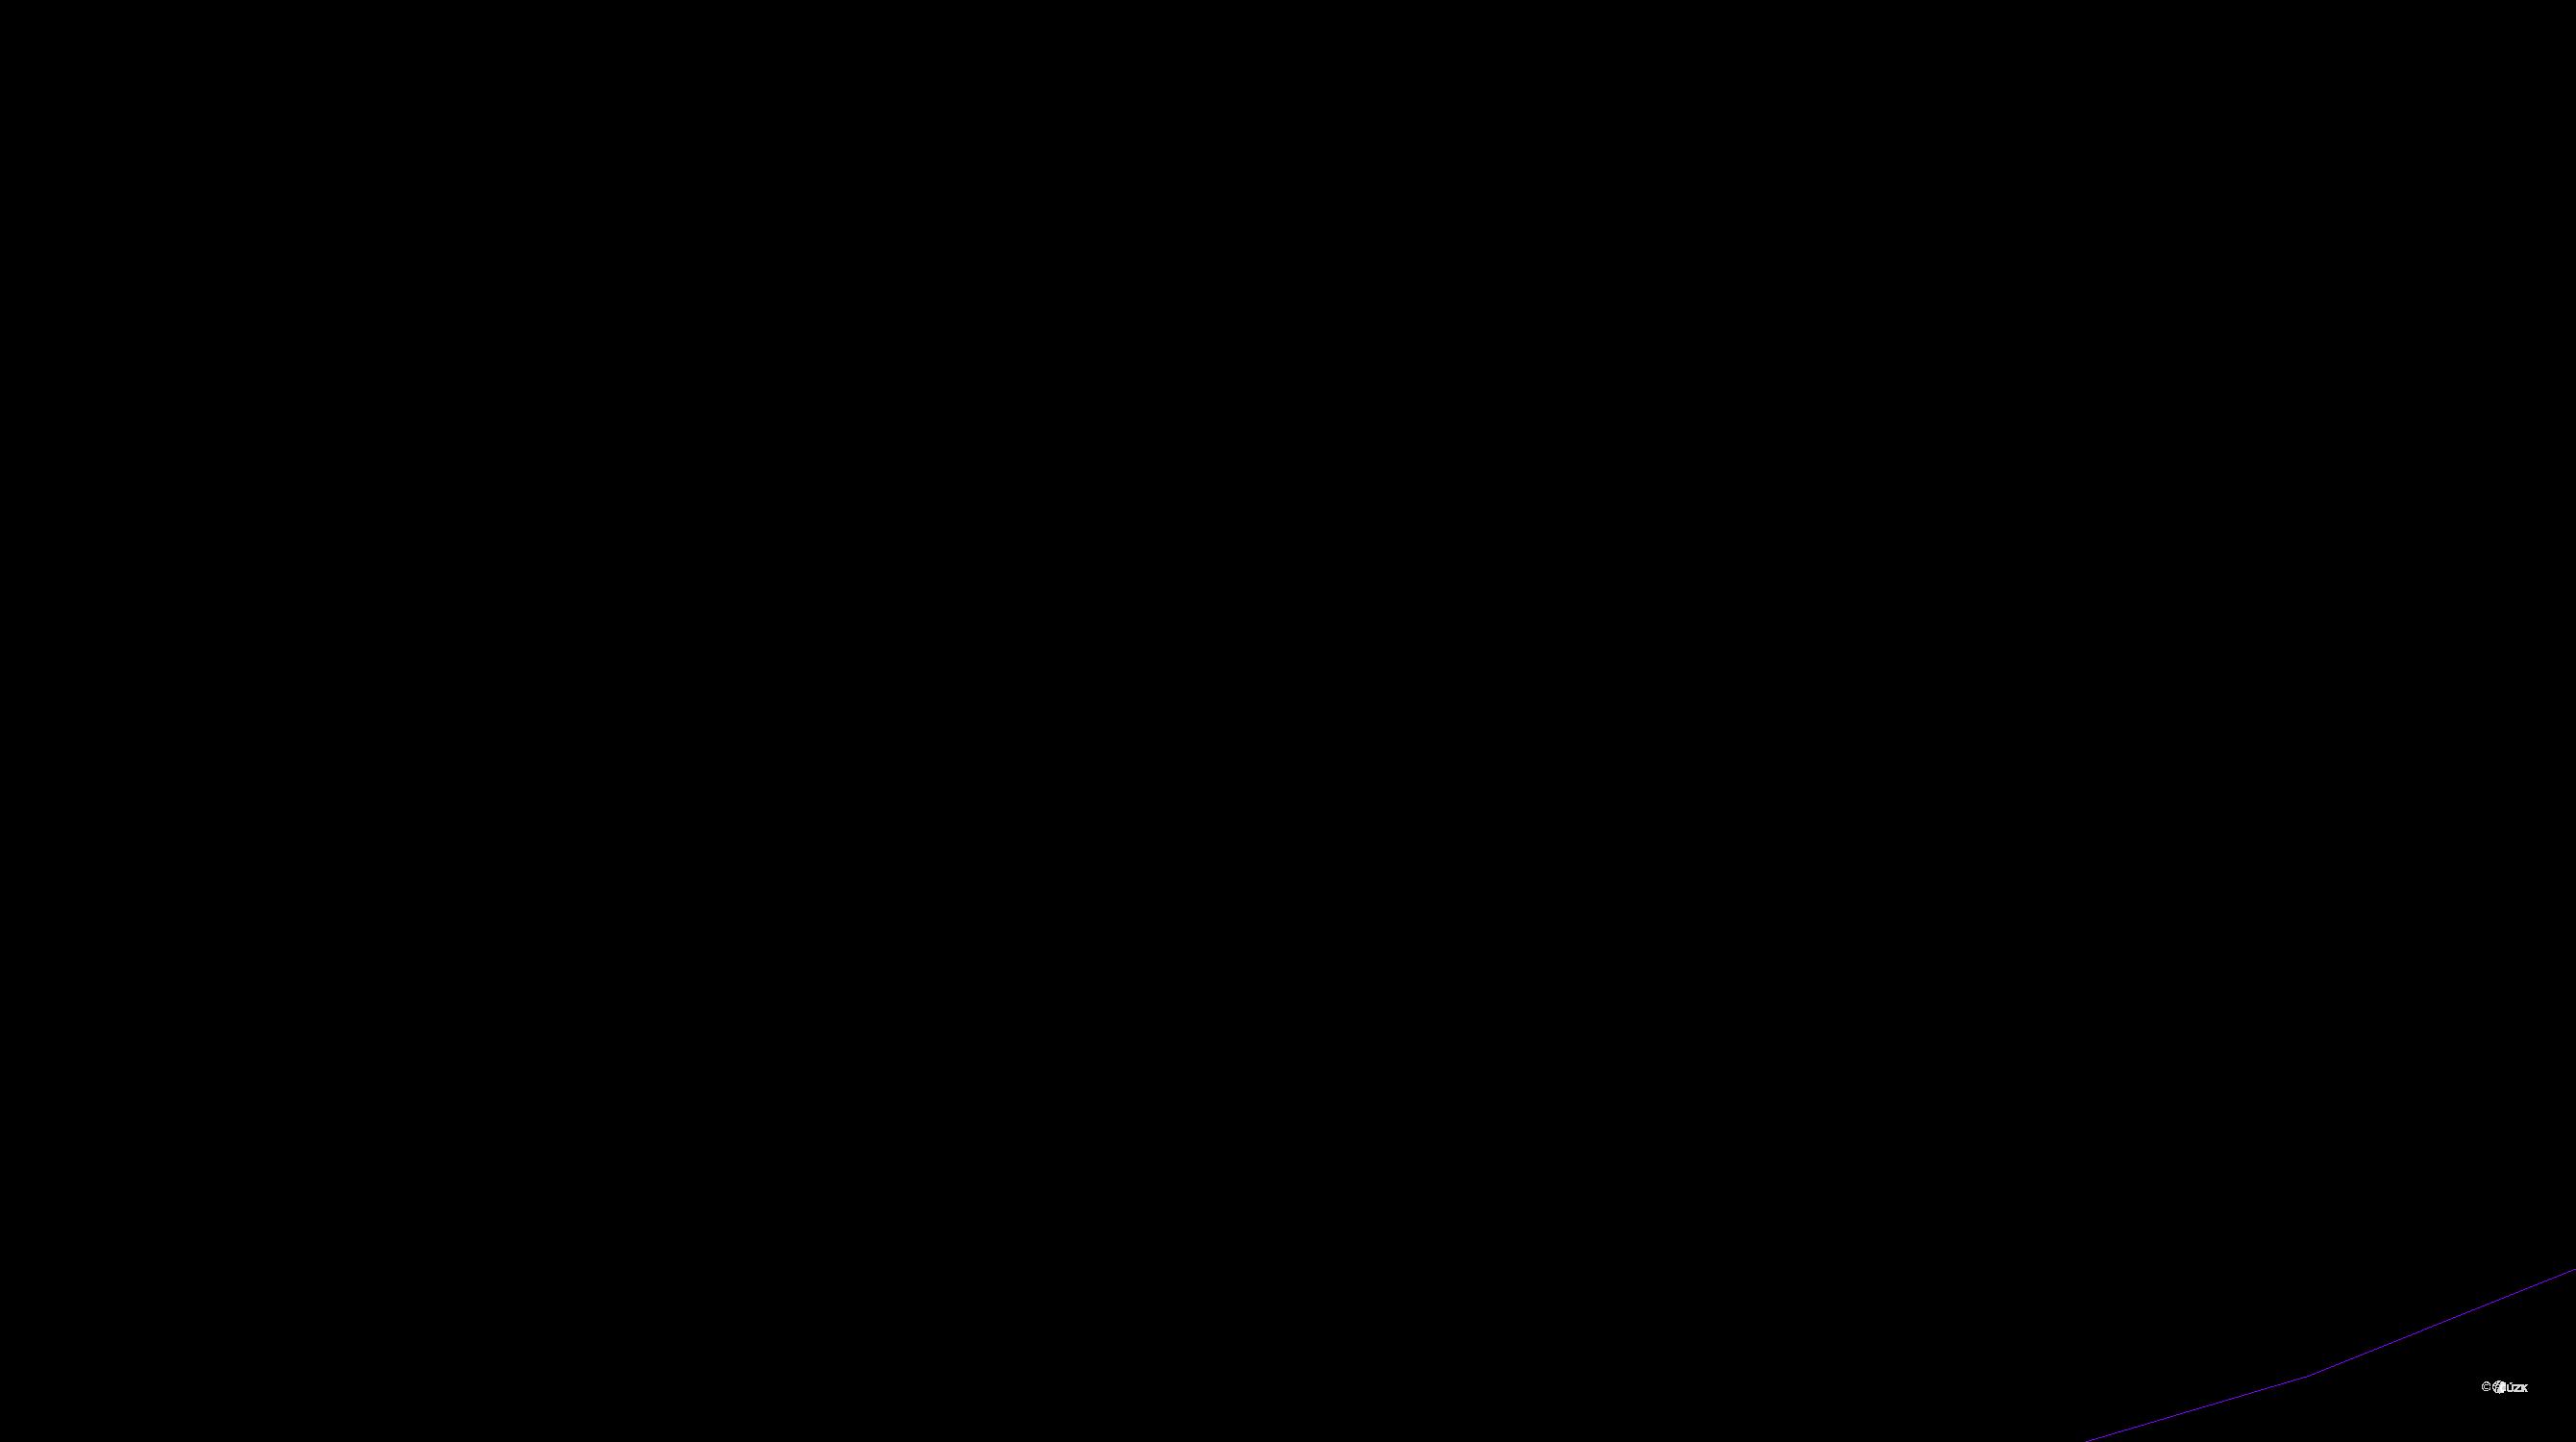 Katastrální mapa pozemků a čísla parcel Holešovice